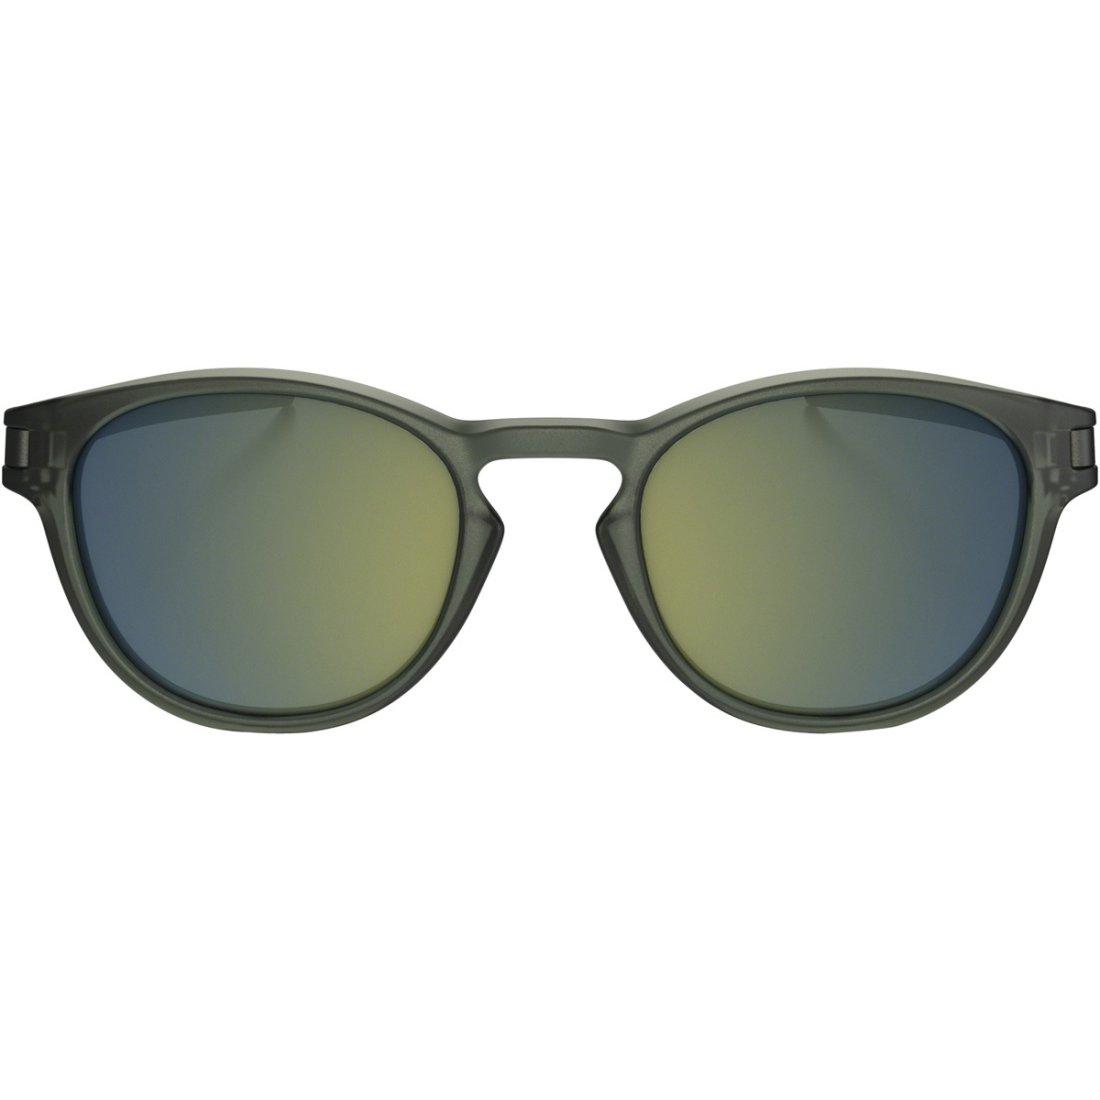 a9e5d78493a4e Óculos de sol OAKLEY Latch Matte Olive Ink   Emerald Iridium · Motocard